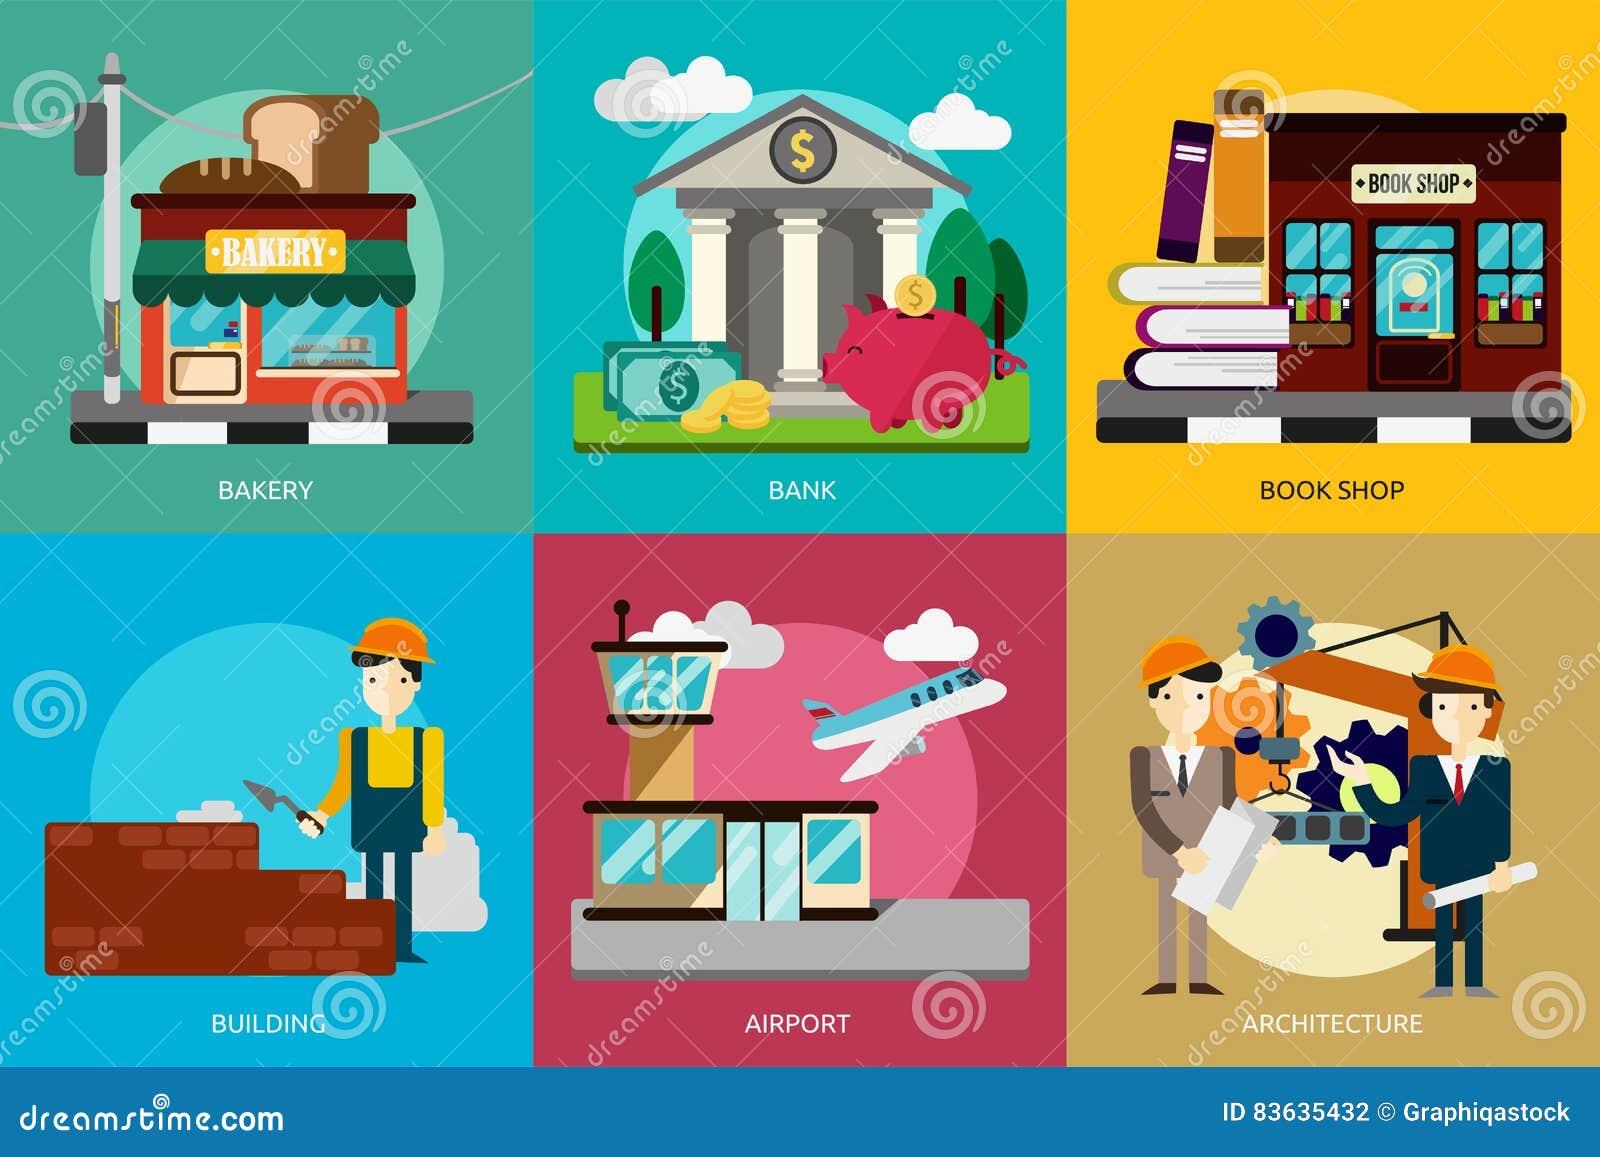 House Construction Clip Art : Building and construction illustration megapixl